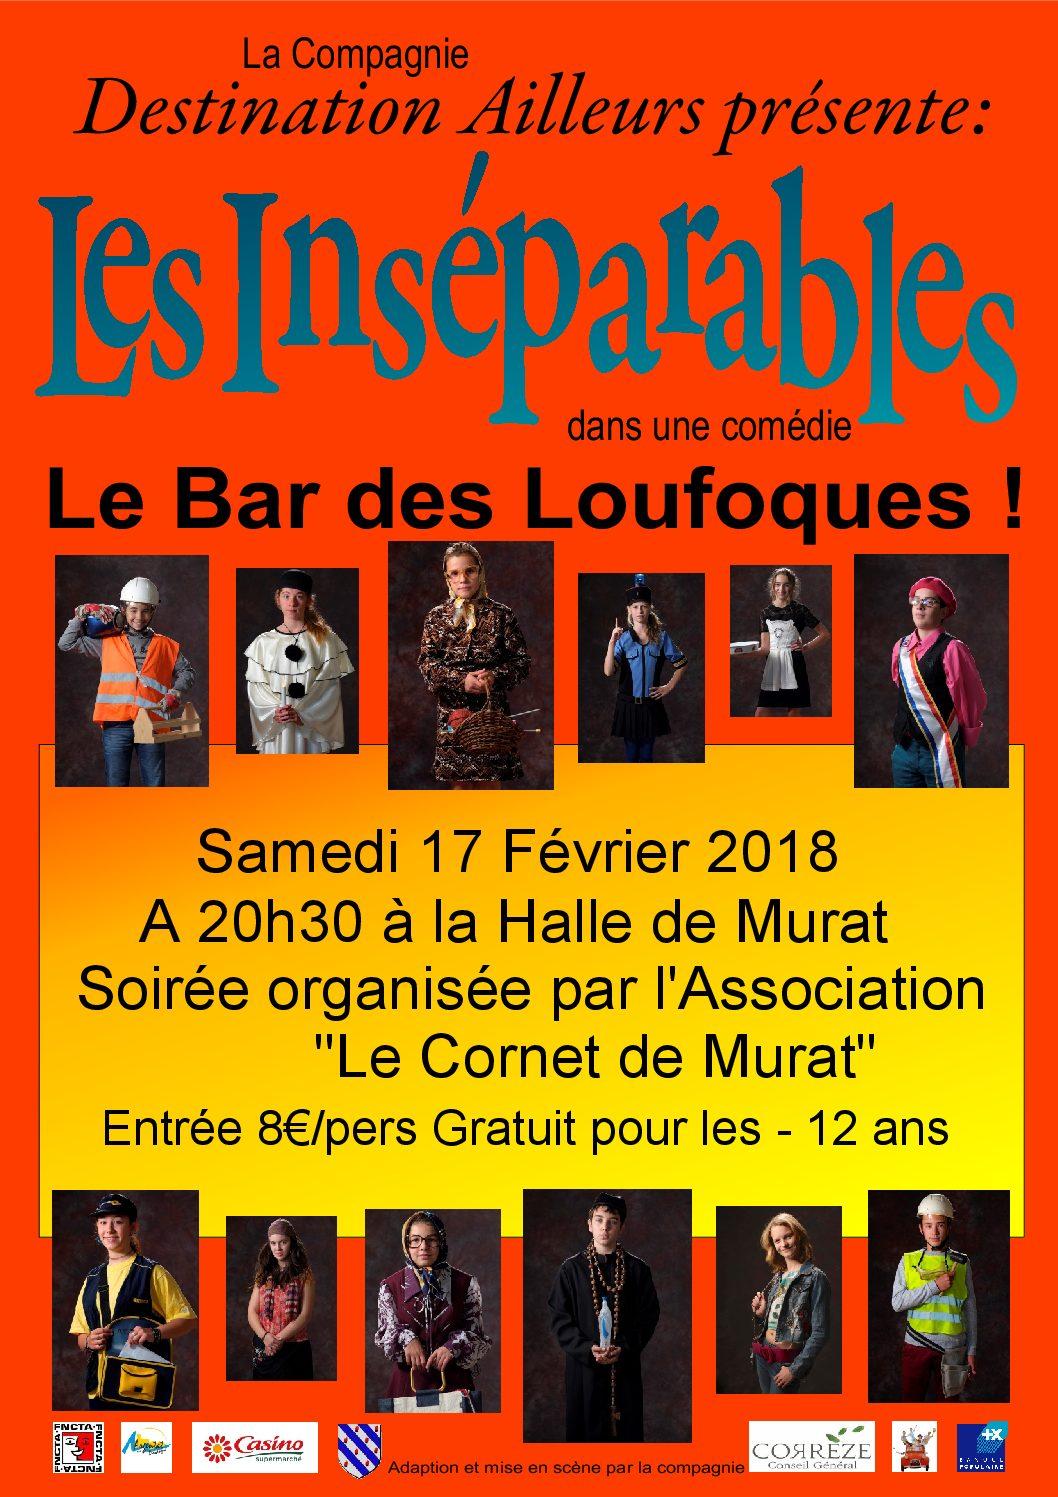 Soirée Théâtrale le Samedi 17 Février 2018